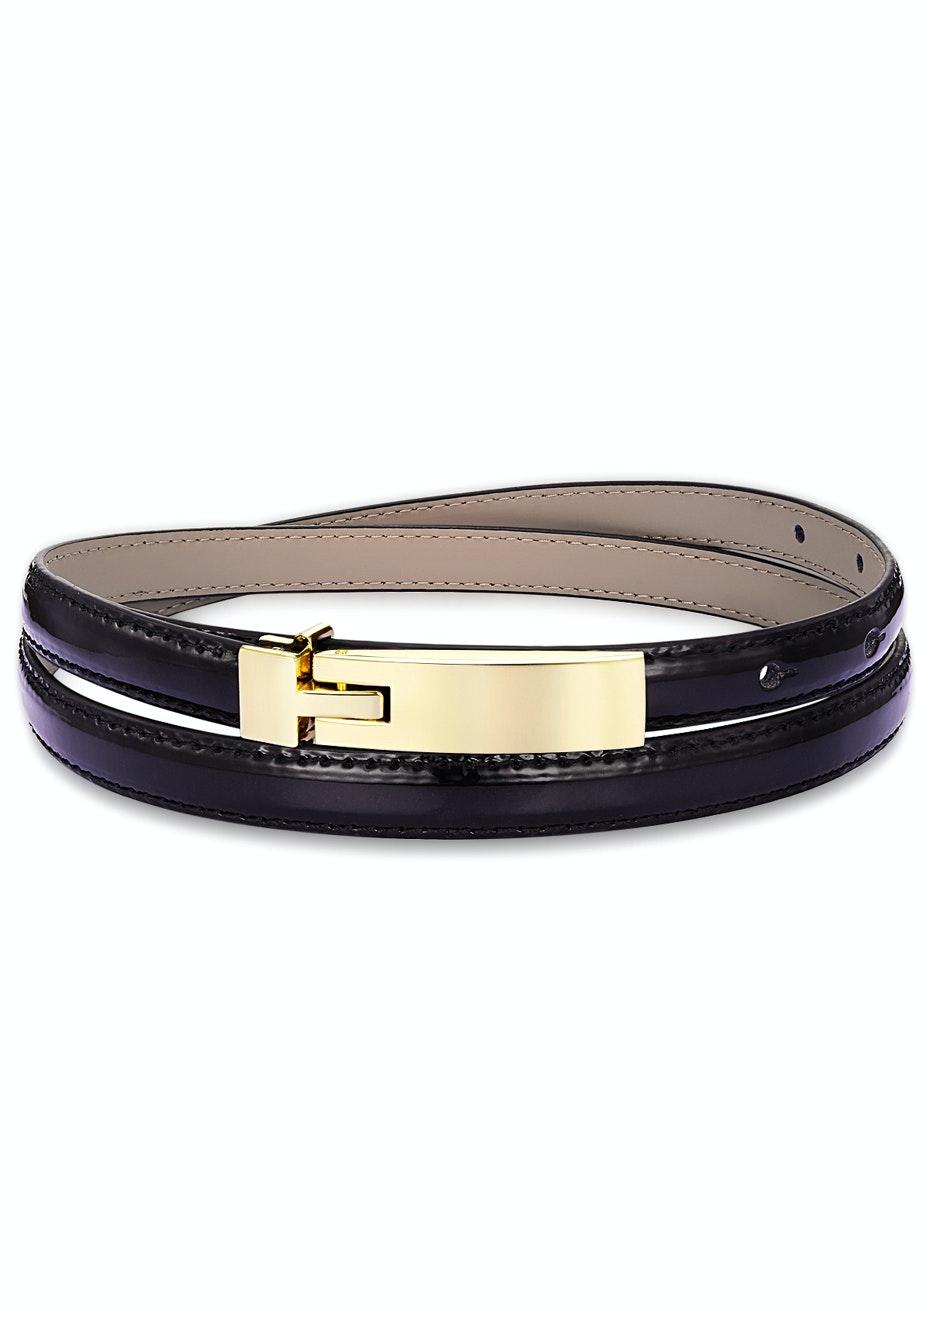 Genuine Cow Leather Skinny Waist Belt-Amelia black